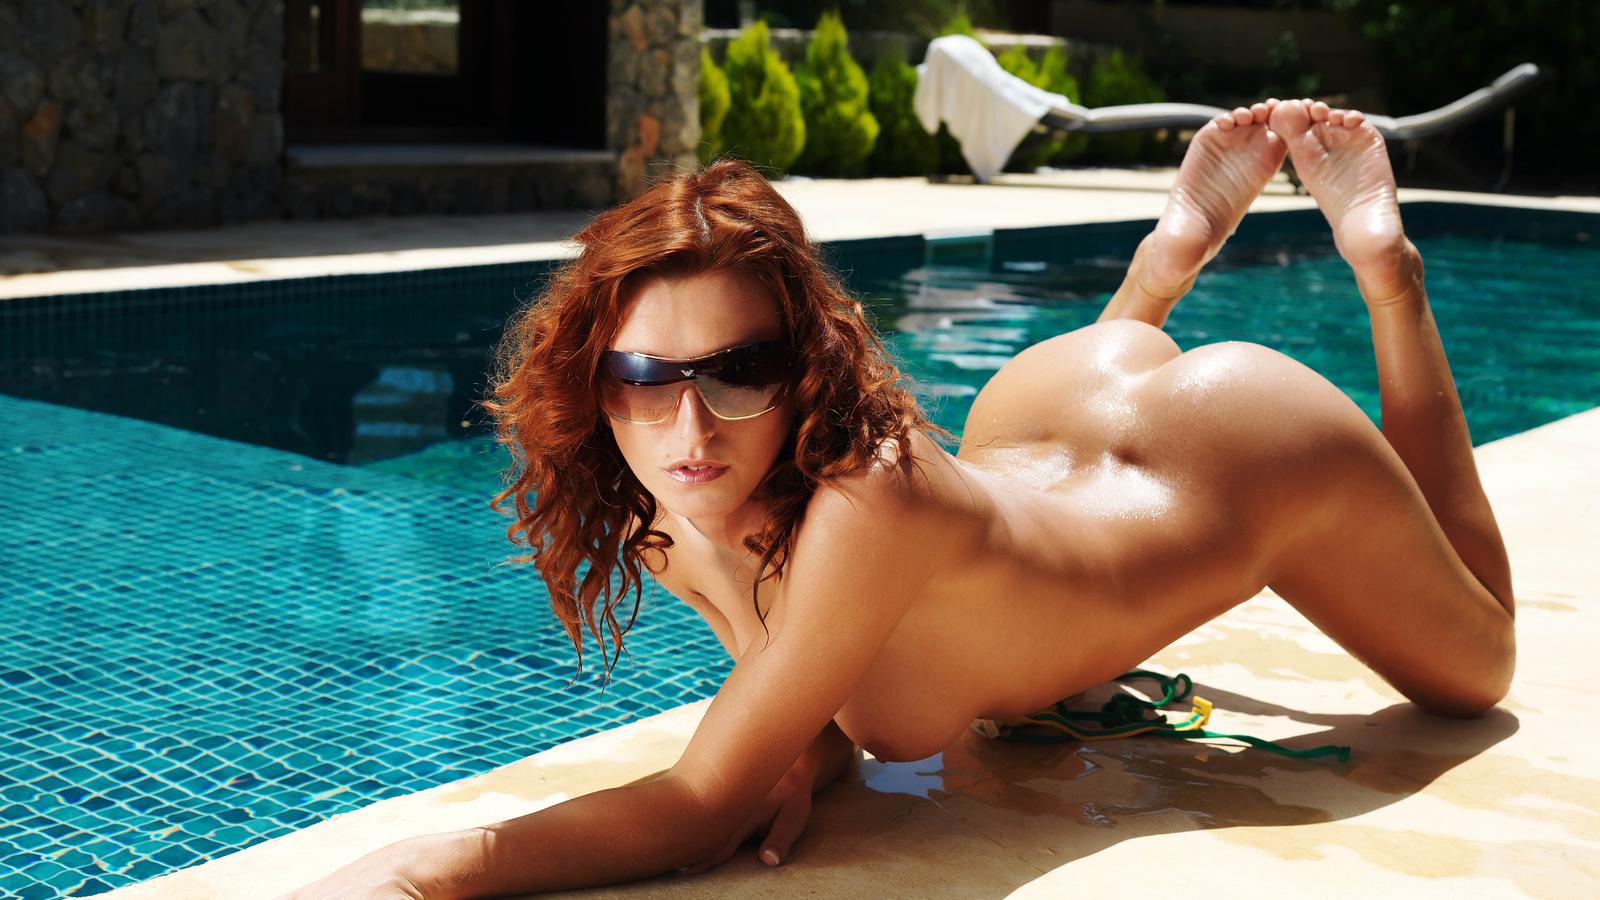 Секс с красивыми темнокожими девушками у басейна 7 фотография